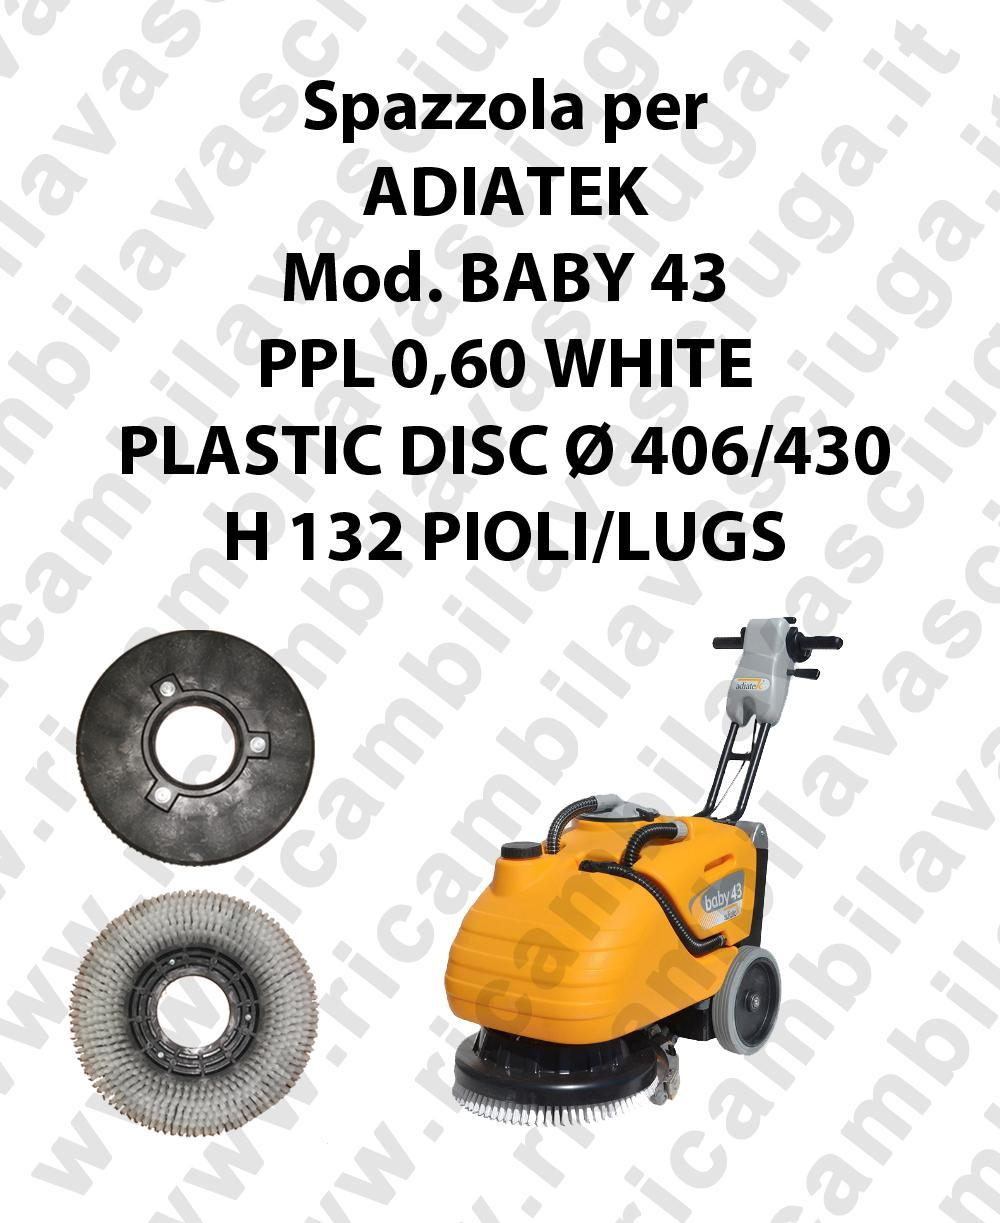 CEPILLO DE LAVADO PPL 0,60 WHITE para fregadora ADIATEK modelo BABY 43